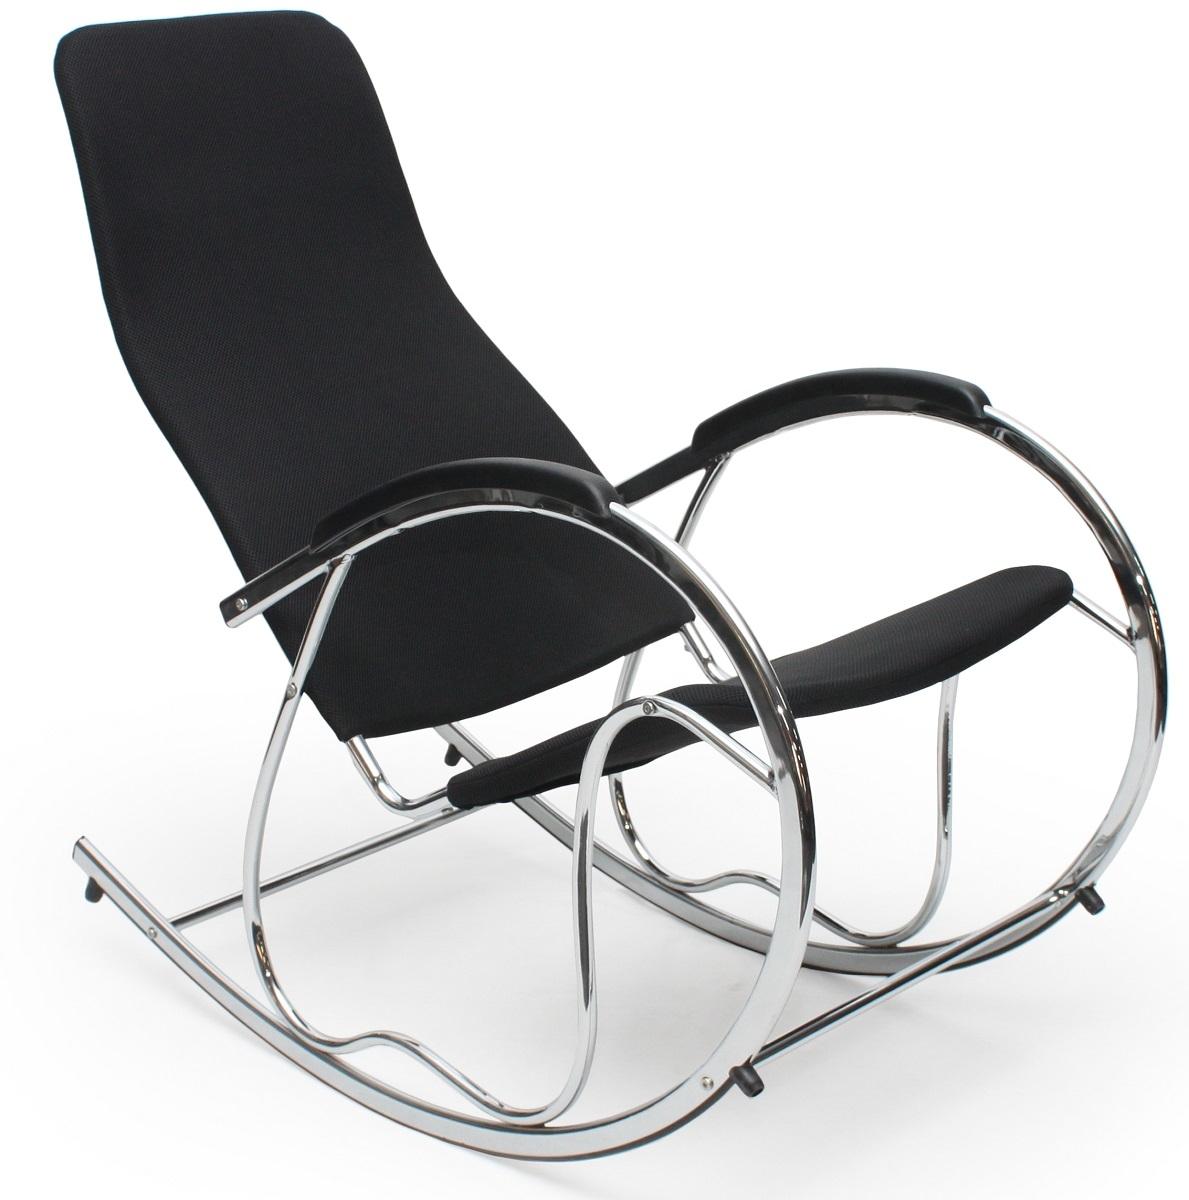 Fauteuil Ben 2 in zwart | Home Style